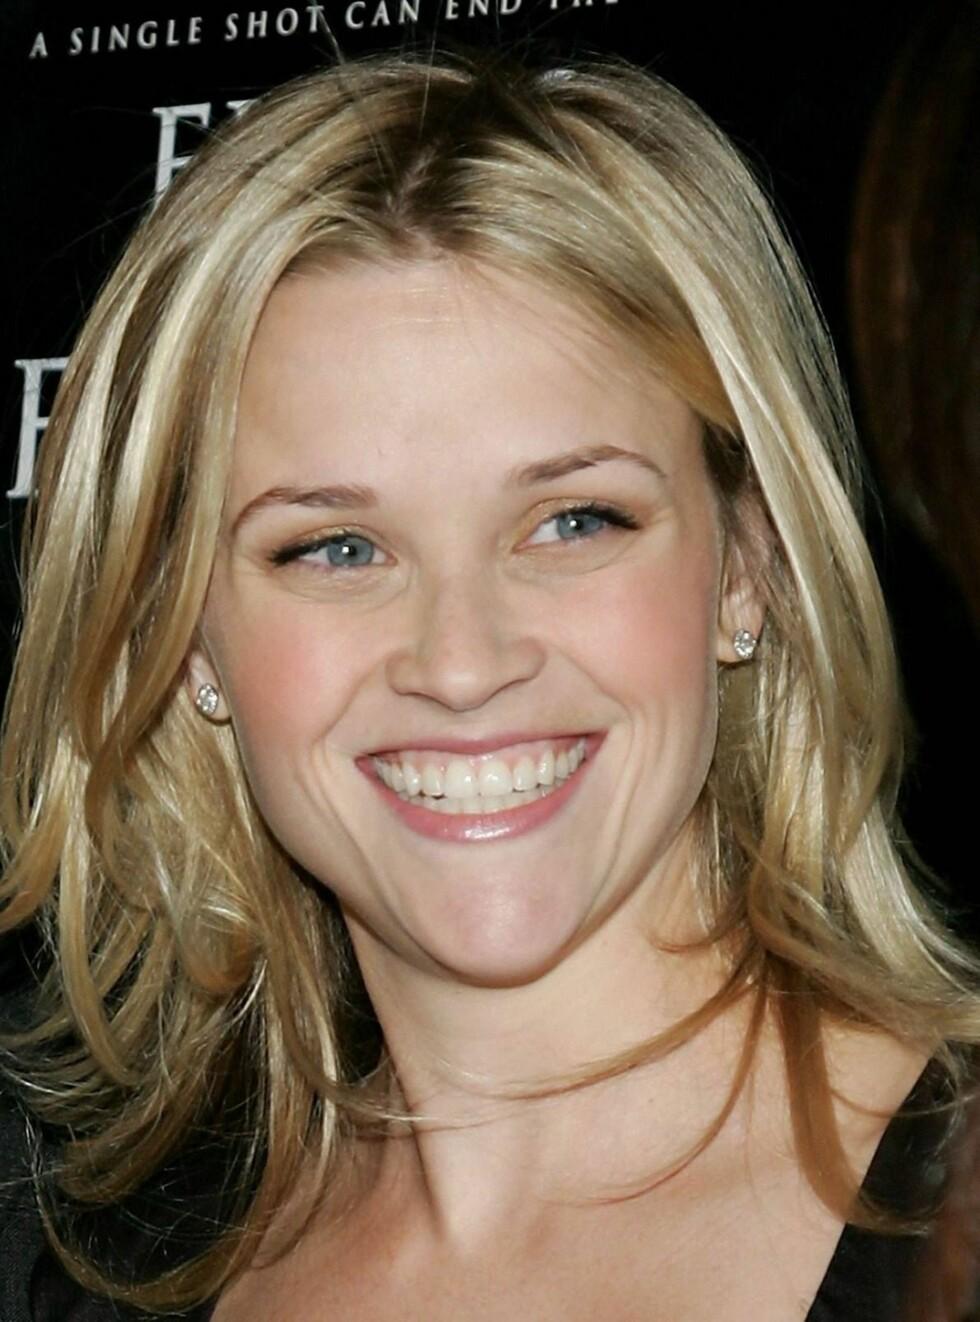 SMILER IGJEN: Reese skal ha funnet trøst hos Jake Gyllenhaal i den tunge tiden etter skilsmissen. Foto: All Over Press